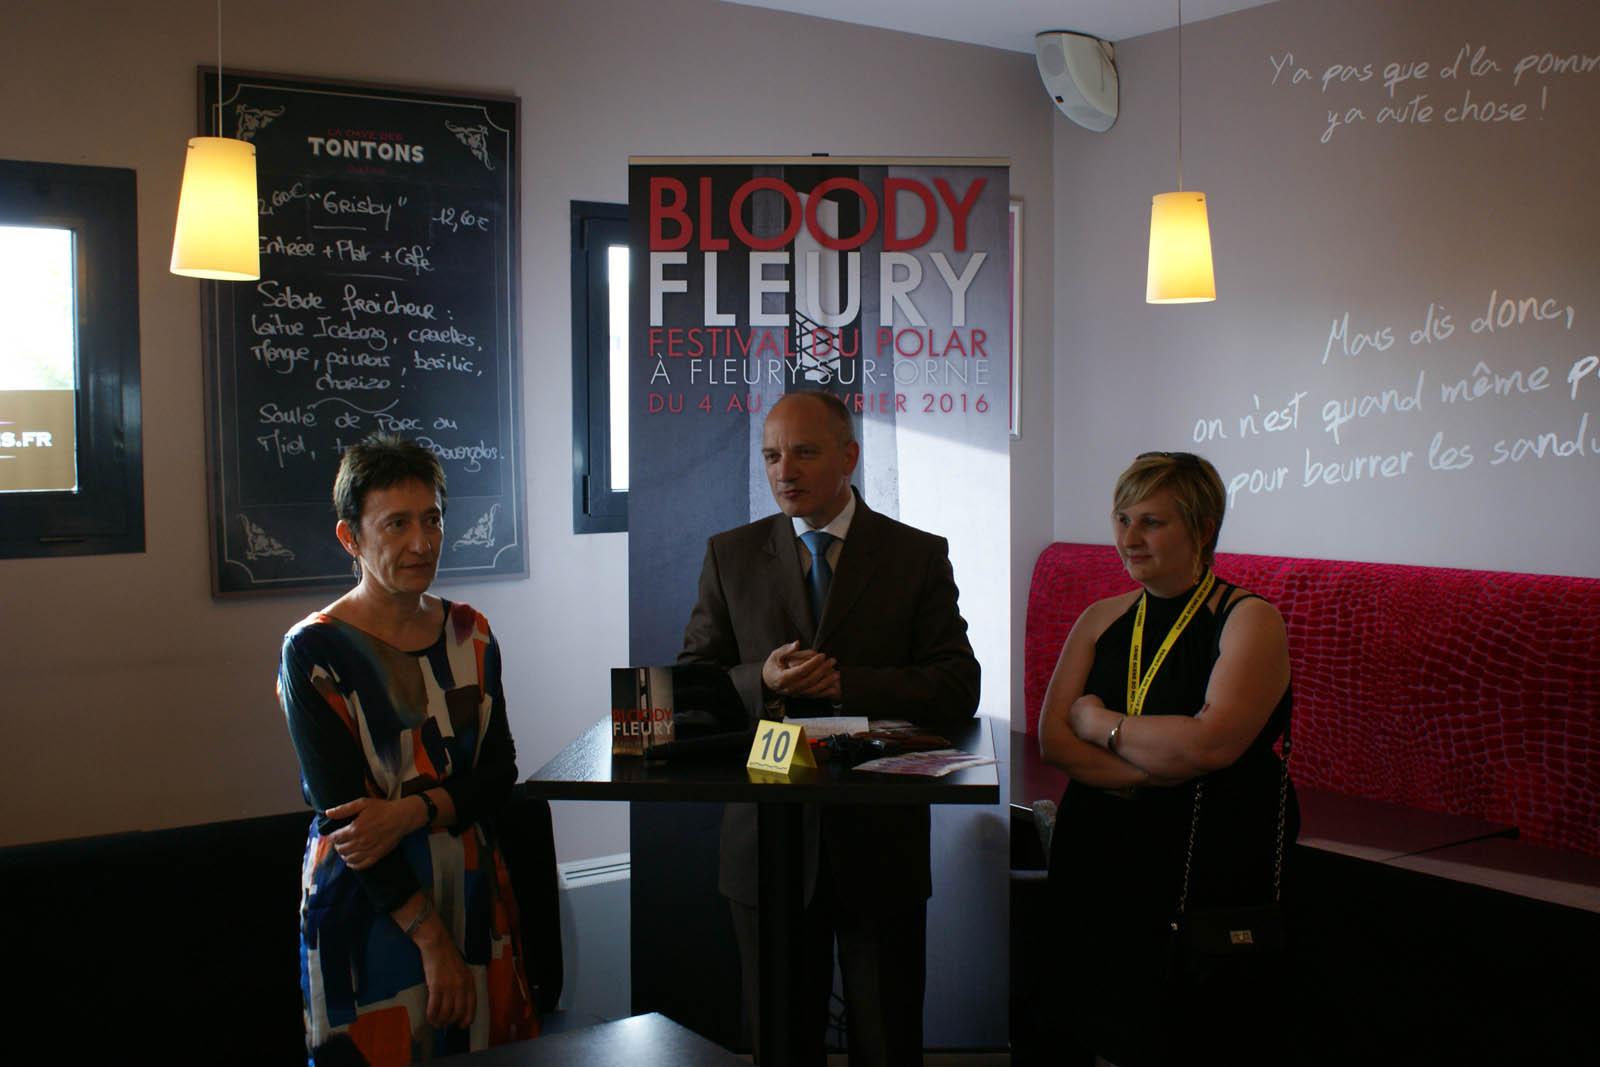 Conf de presse Bloody Fleury